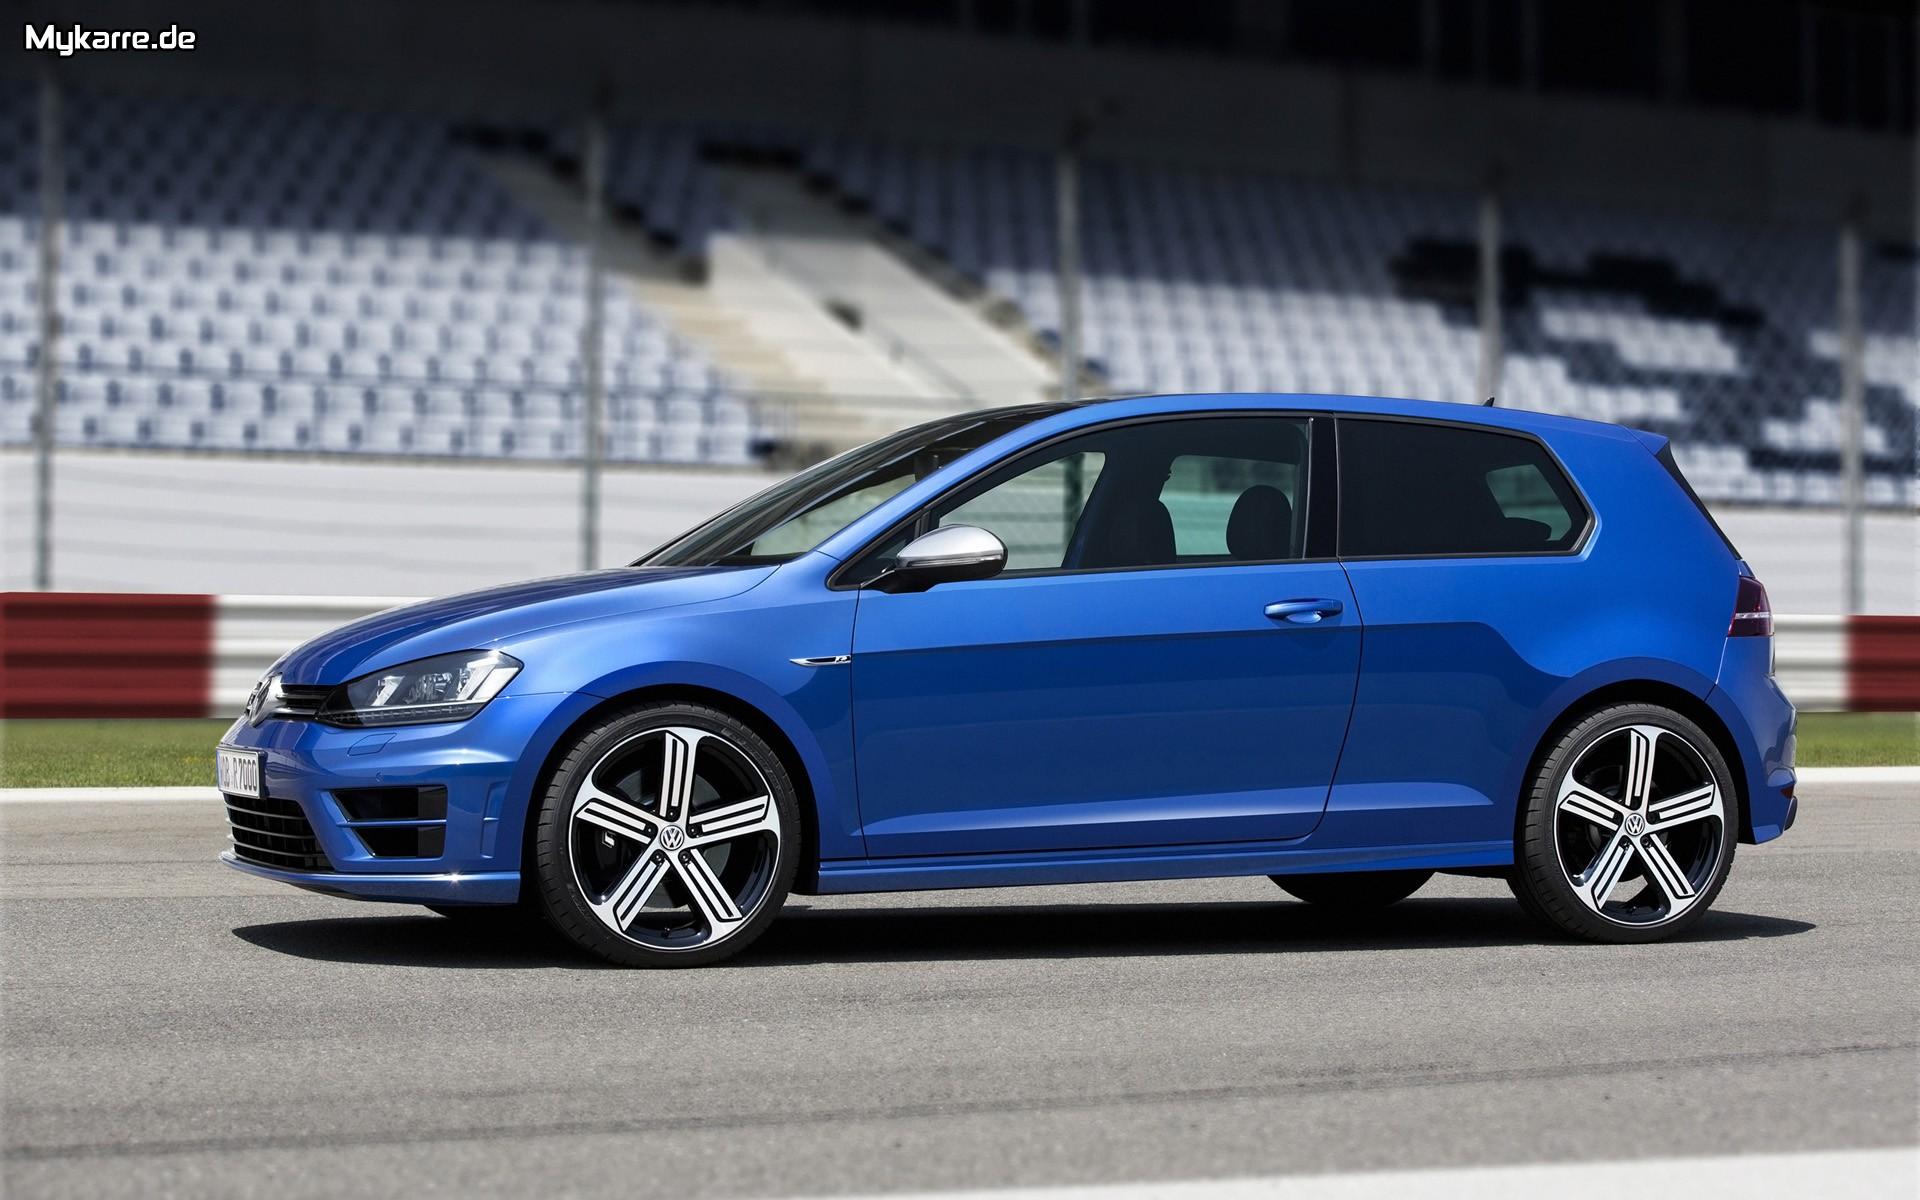 Volkswagen Golf R Wallpaper 2014 Seitenansicht Auto Tuning News 1920x1200